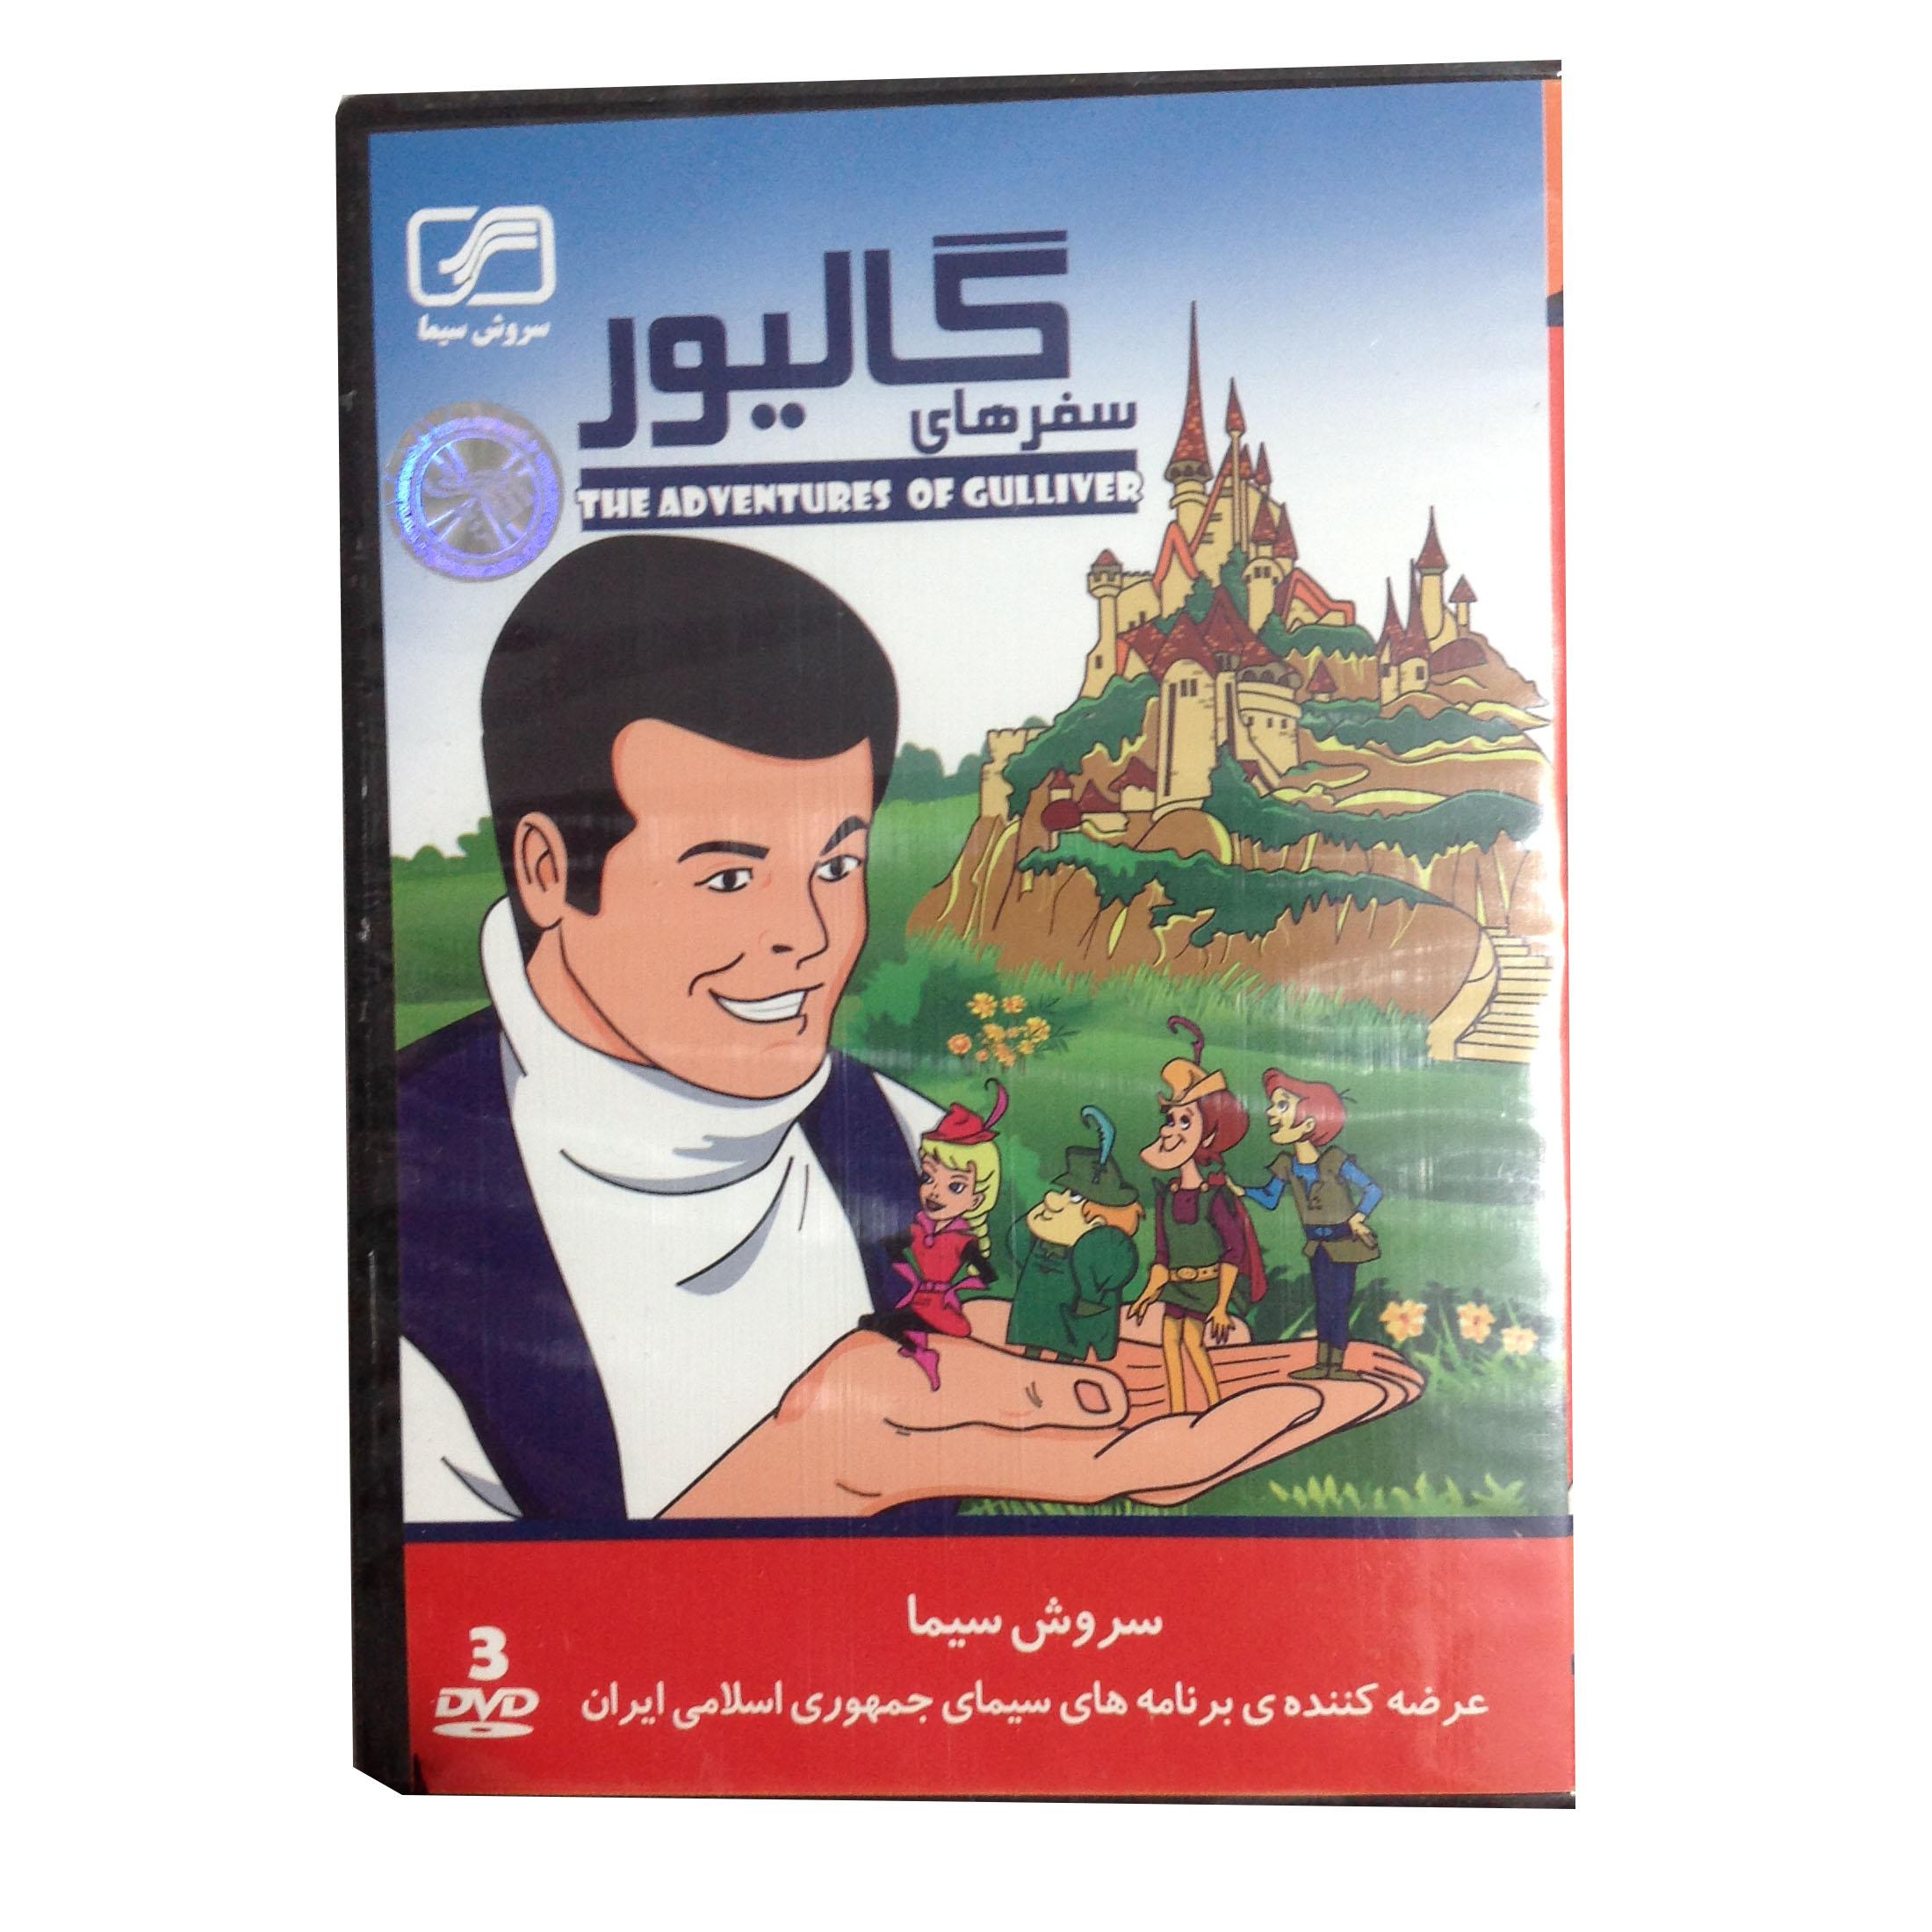 مجموعه انیمیشن سفرهای گالیور انتشارات سروش